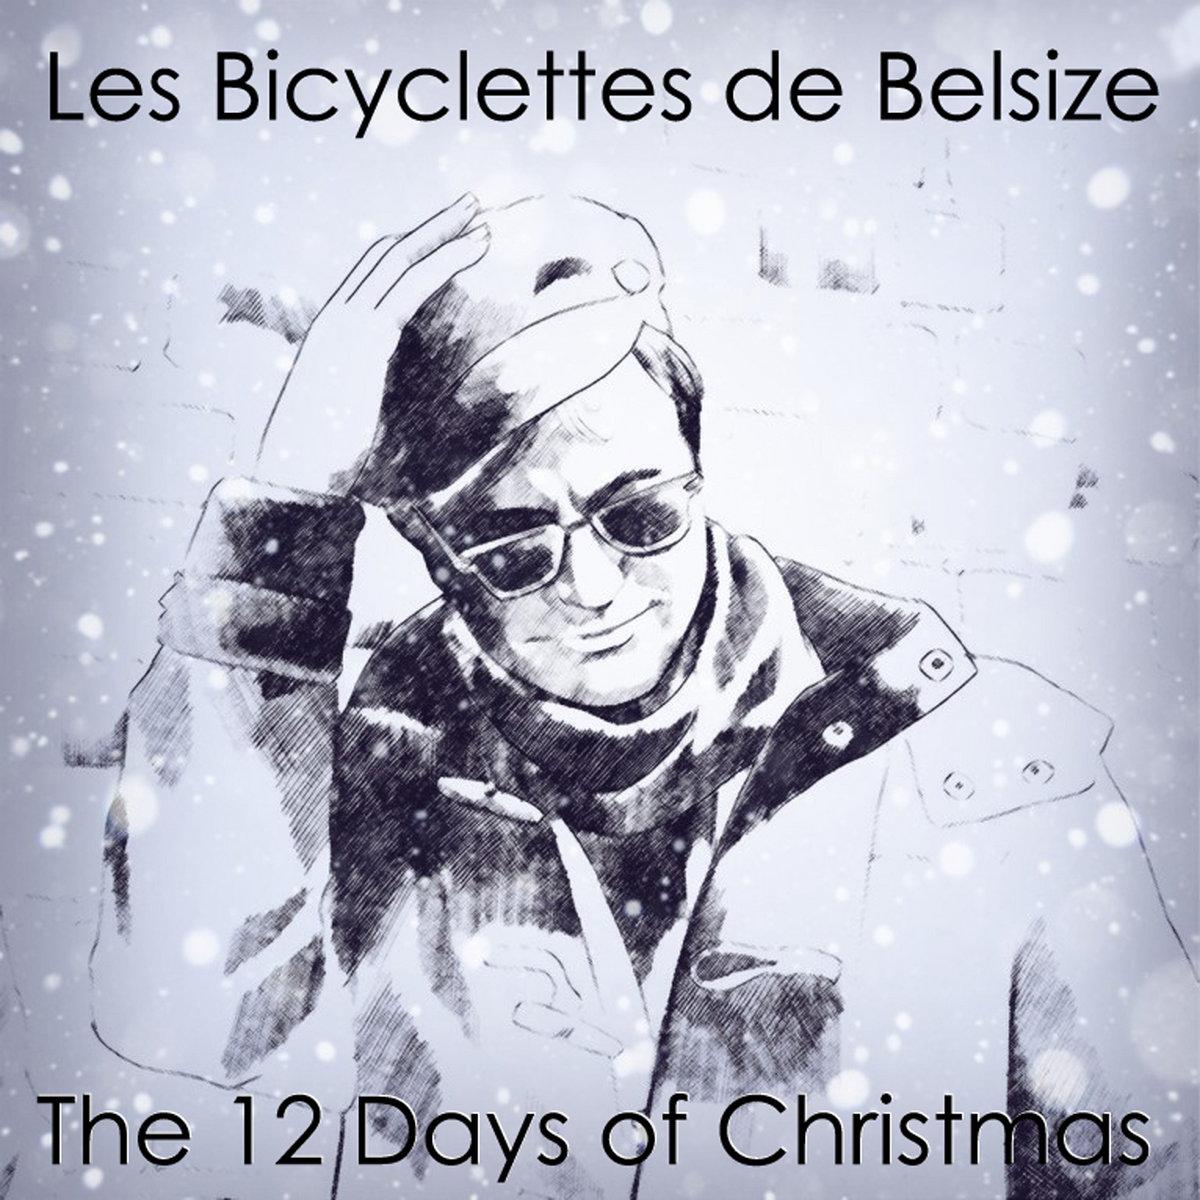 Every Christmas Eve | Les Bicyclettes de Belsize